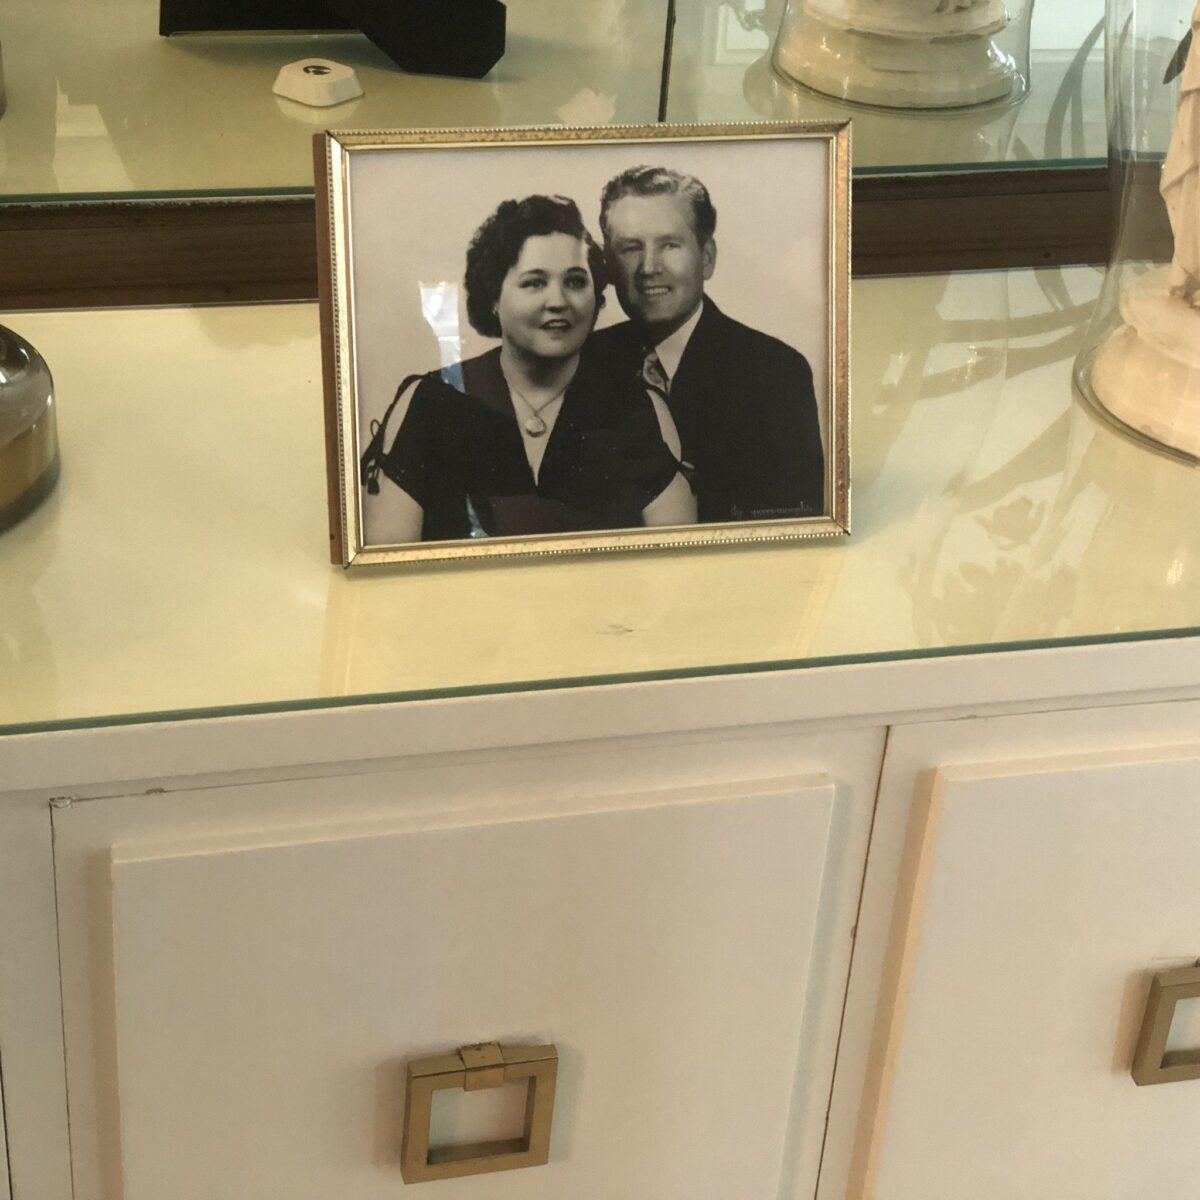 ELVIS PRESLEY'S PARENTS